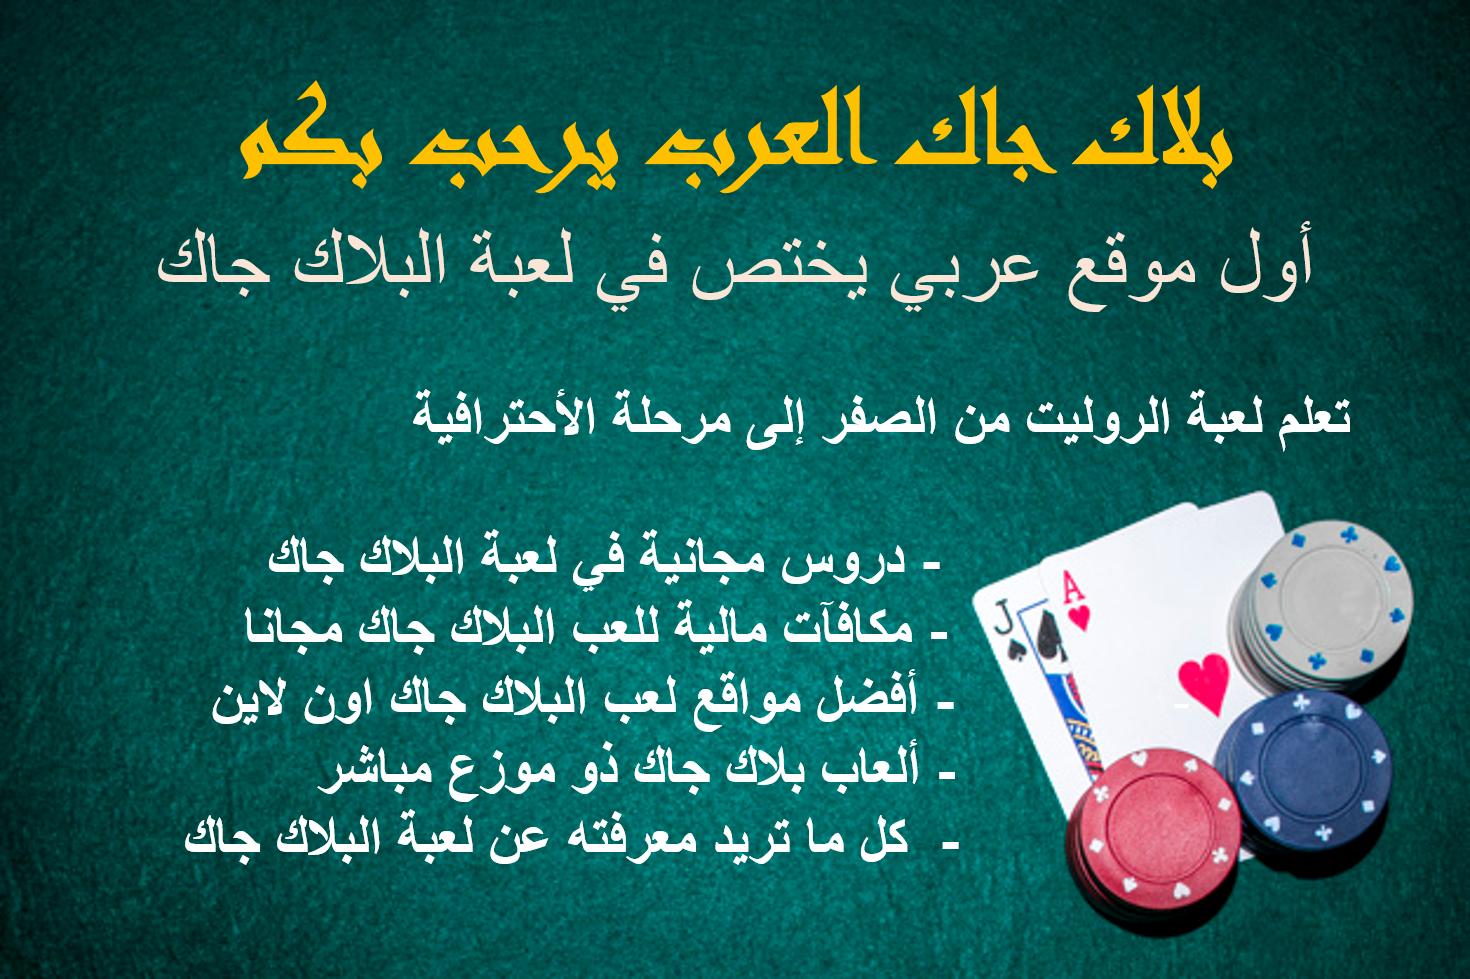 العاب الكازينو احصل 94964